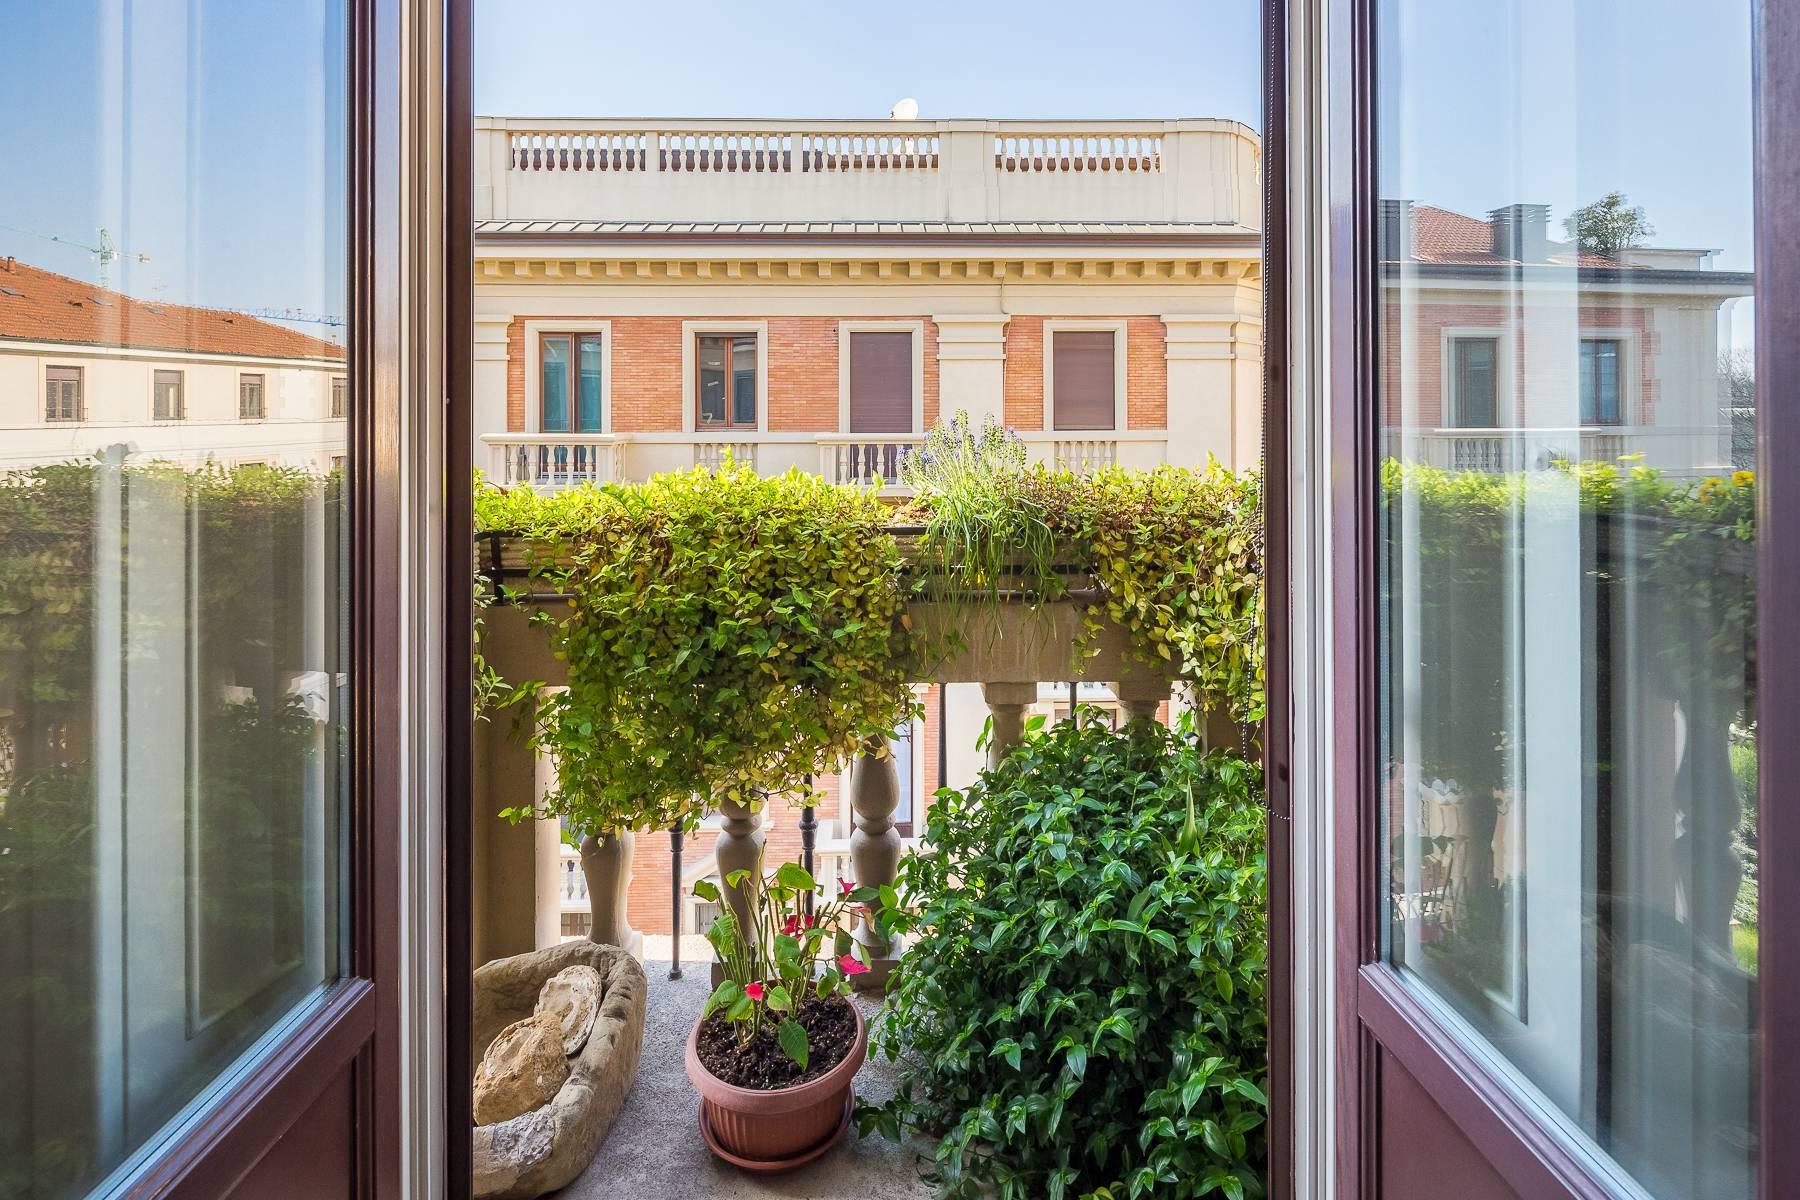 Appartamento esclusivo di 200 mq in nuda proprietà in un palazzo d'epoca - 8